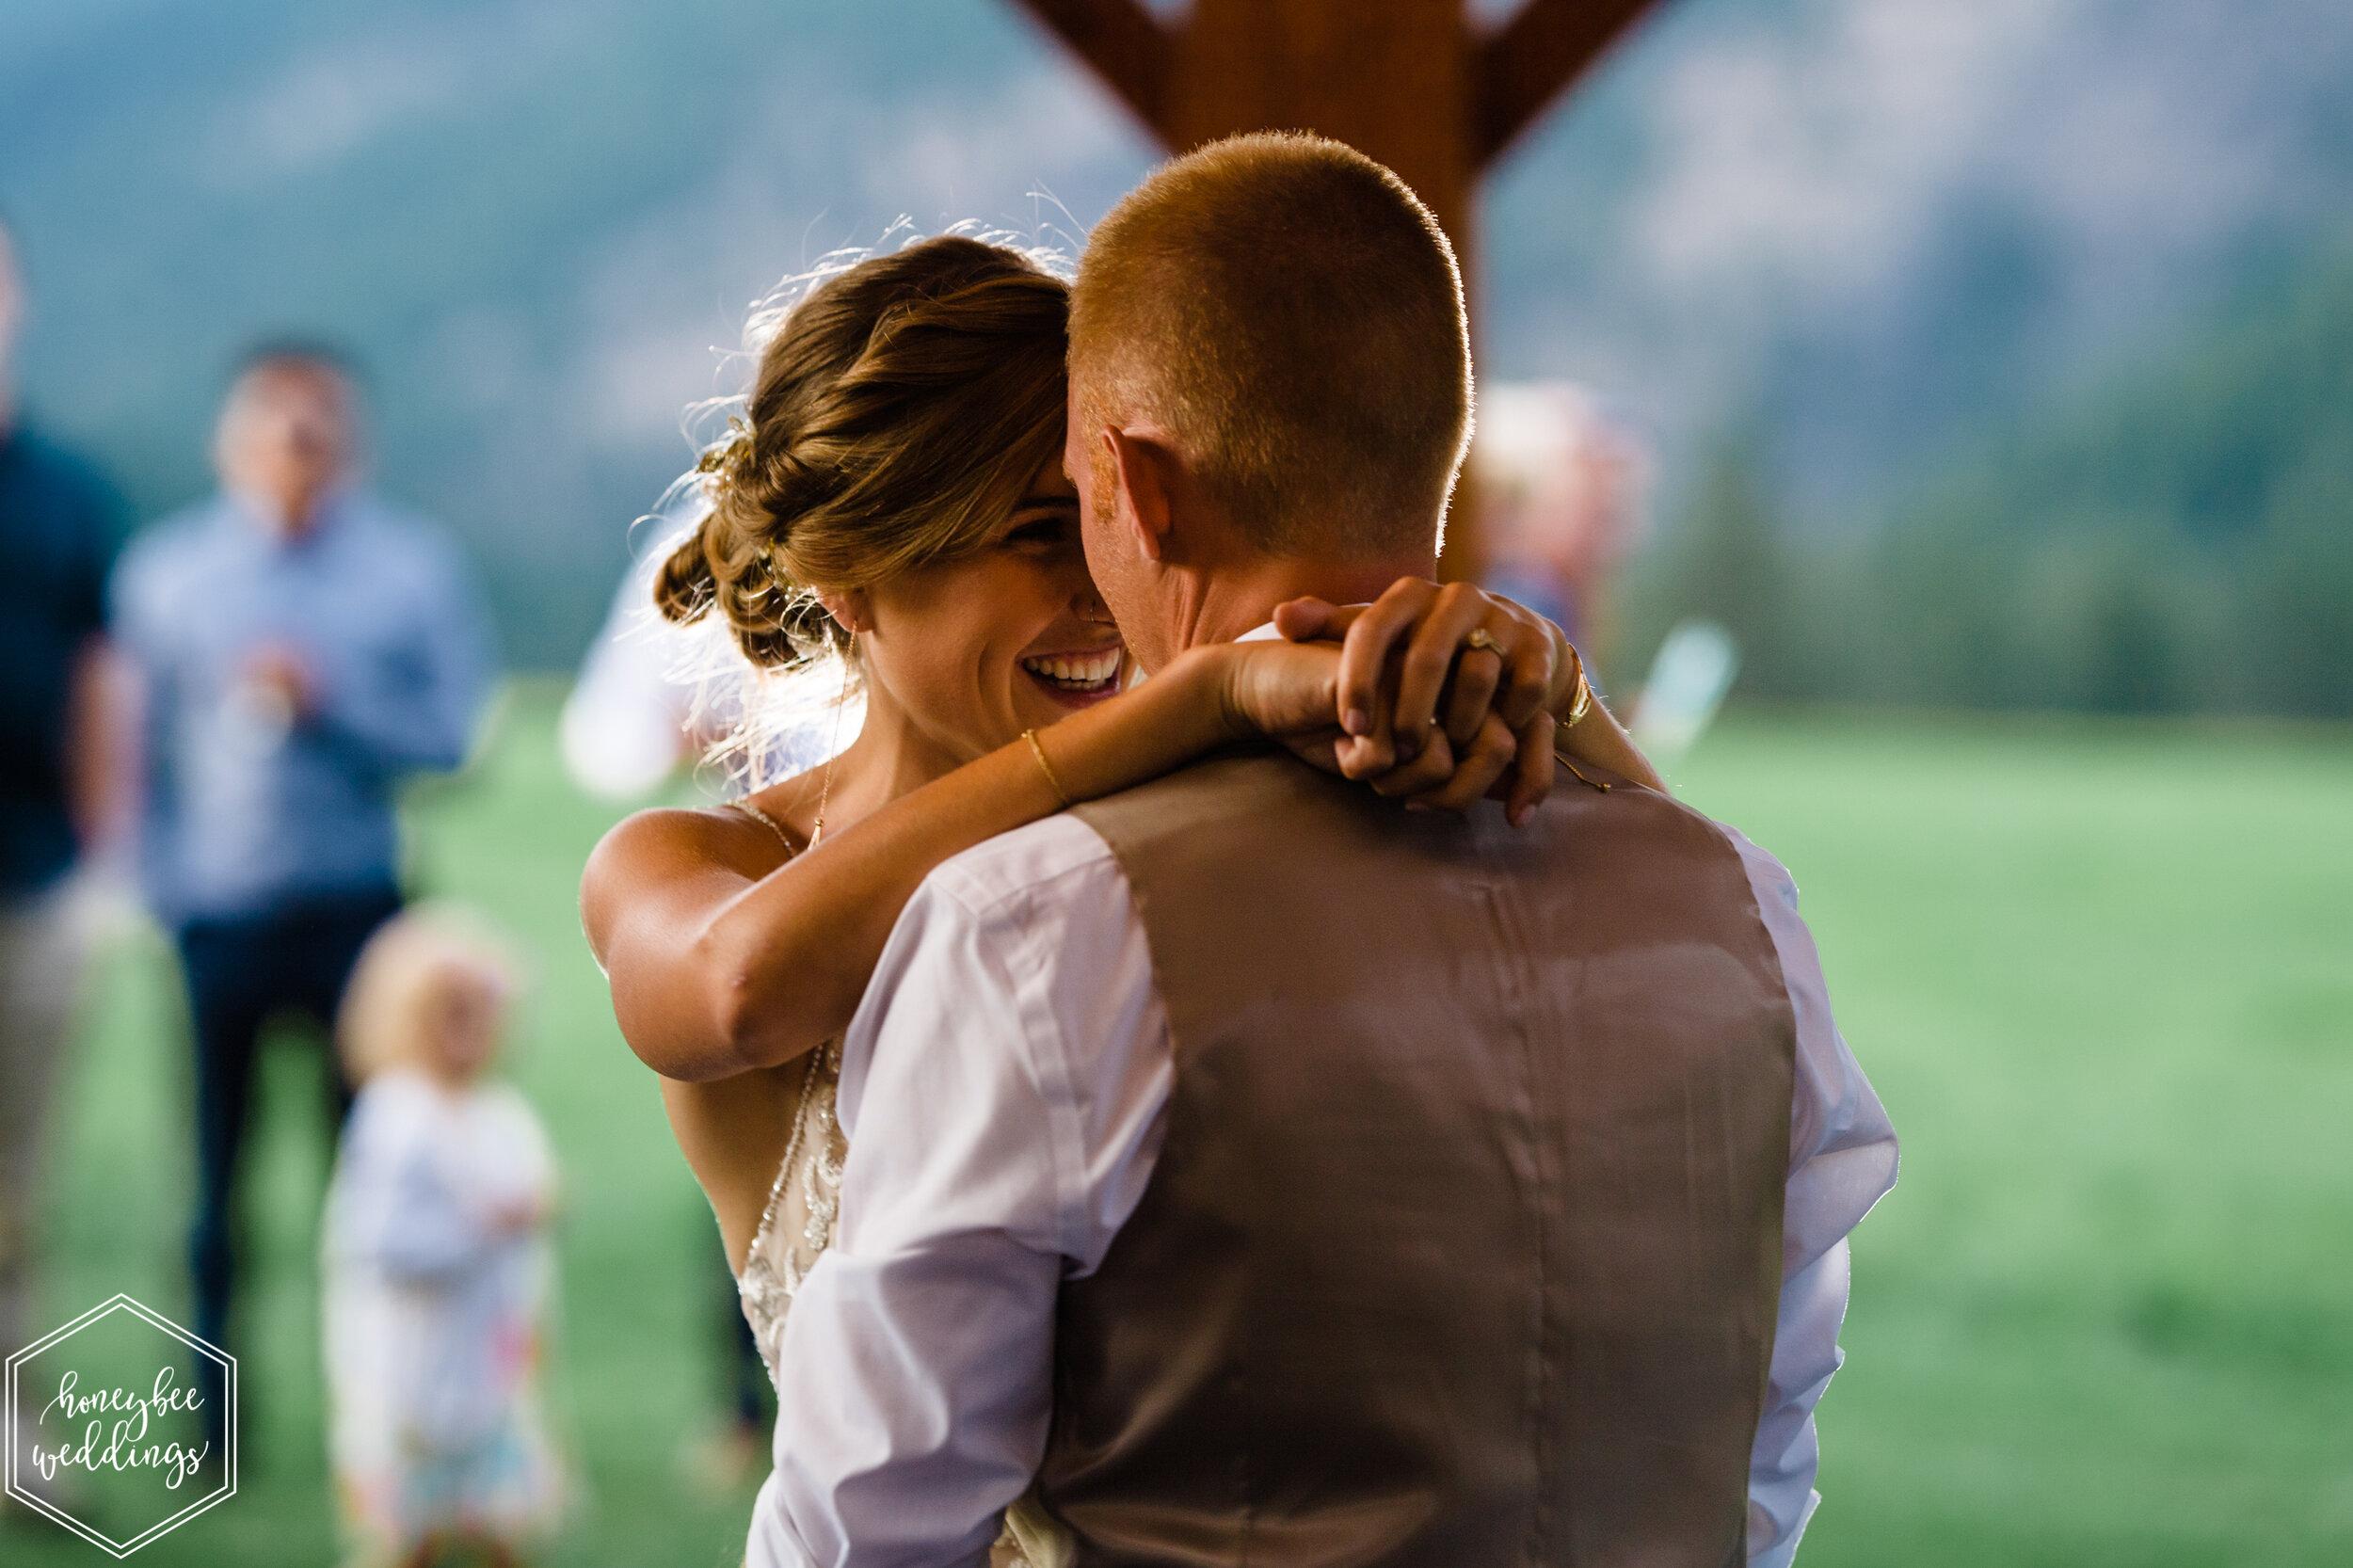 137Seven Mile Meadows Wedding_Montana Wedding Photographer_Jamie & Wes_Honeybee Weddings_September 07, 2019-2427.jpg